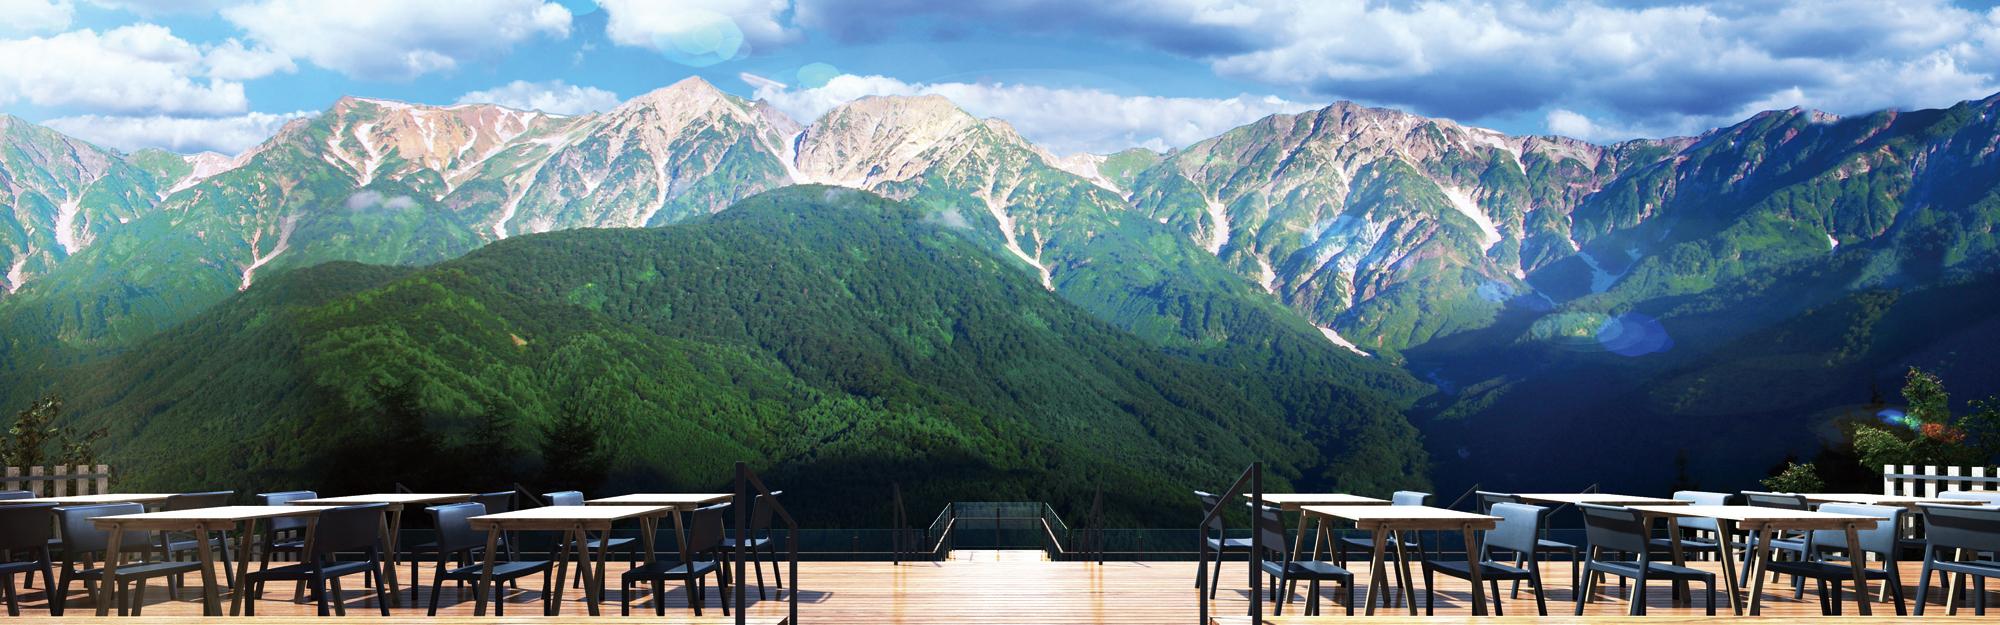 白馬岩岳マウンテンリゾート グリーンシーズン